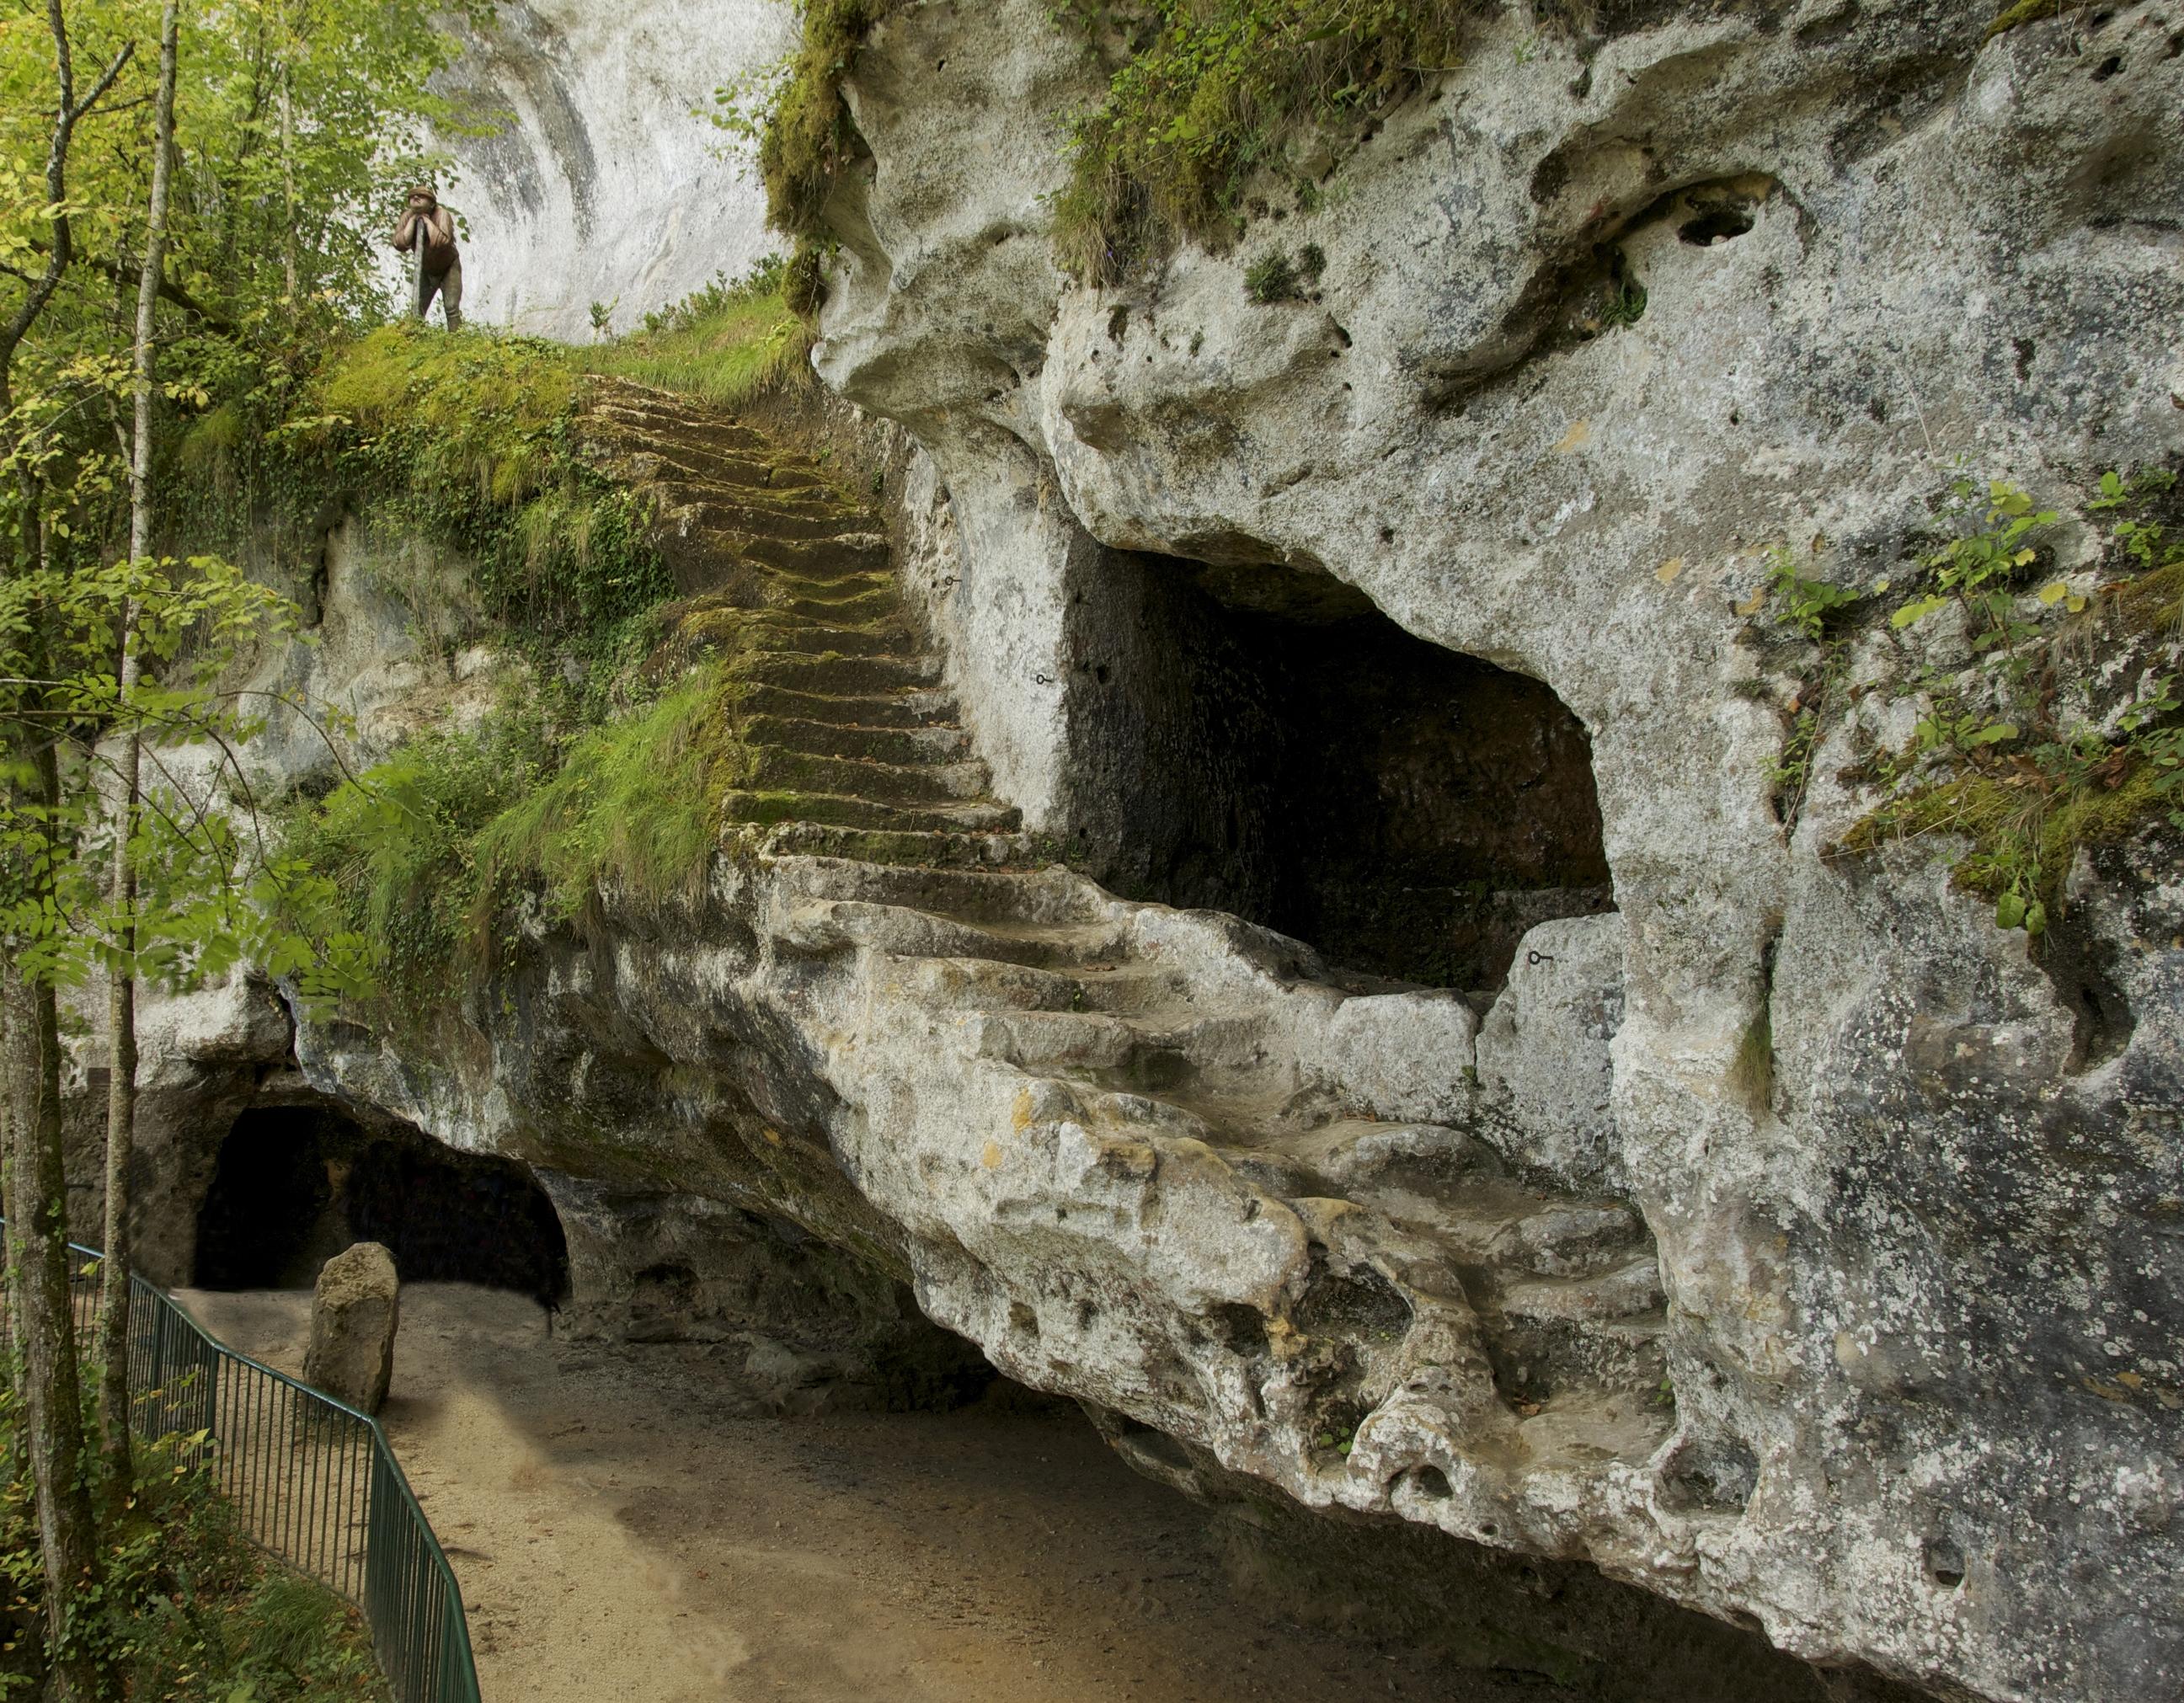 Escalier_Roque_Saint Christophe